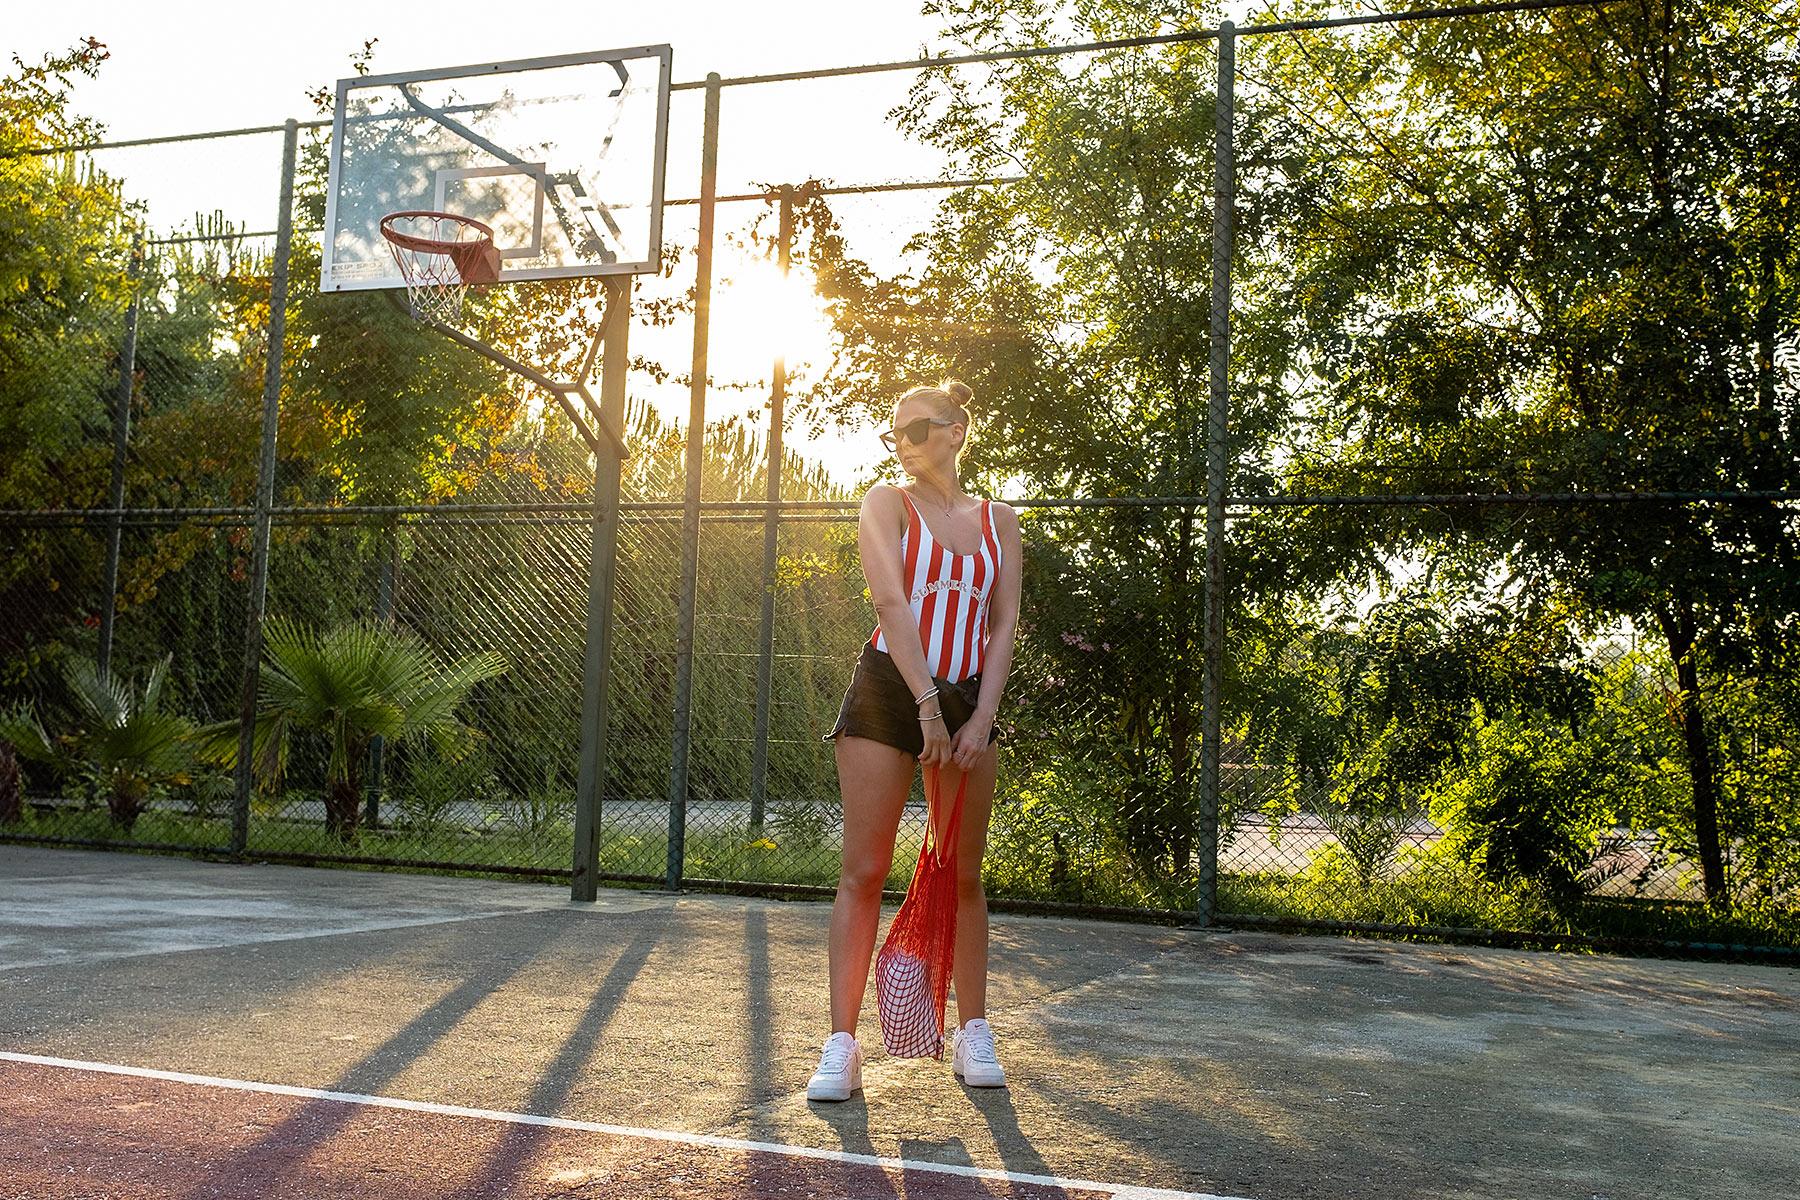 fotoshooting basketballplatz badenazug sommer-look nike sneakers sunnyinga